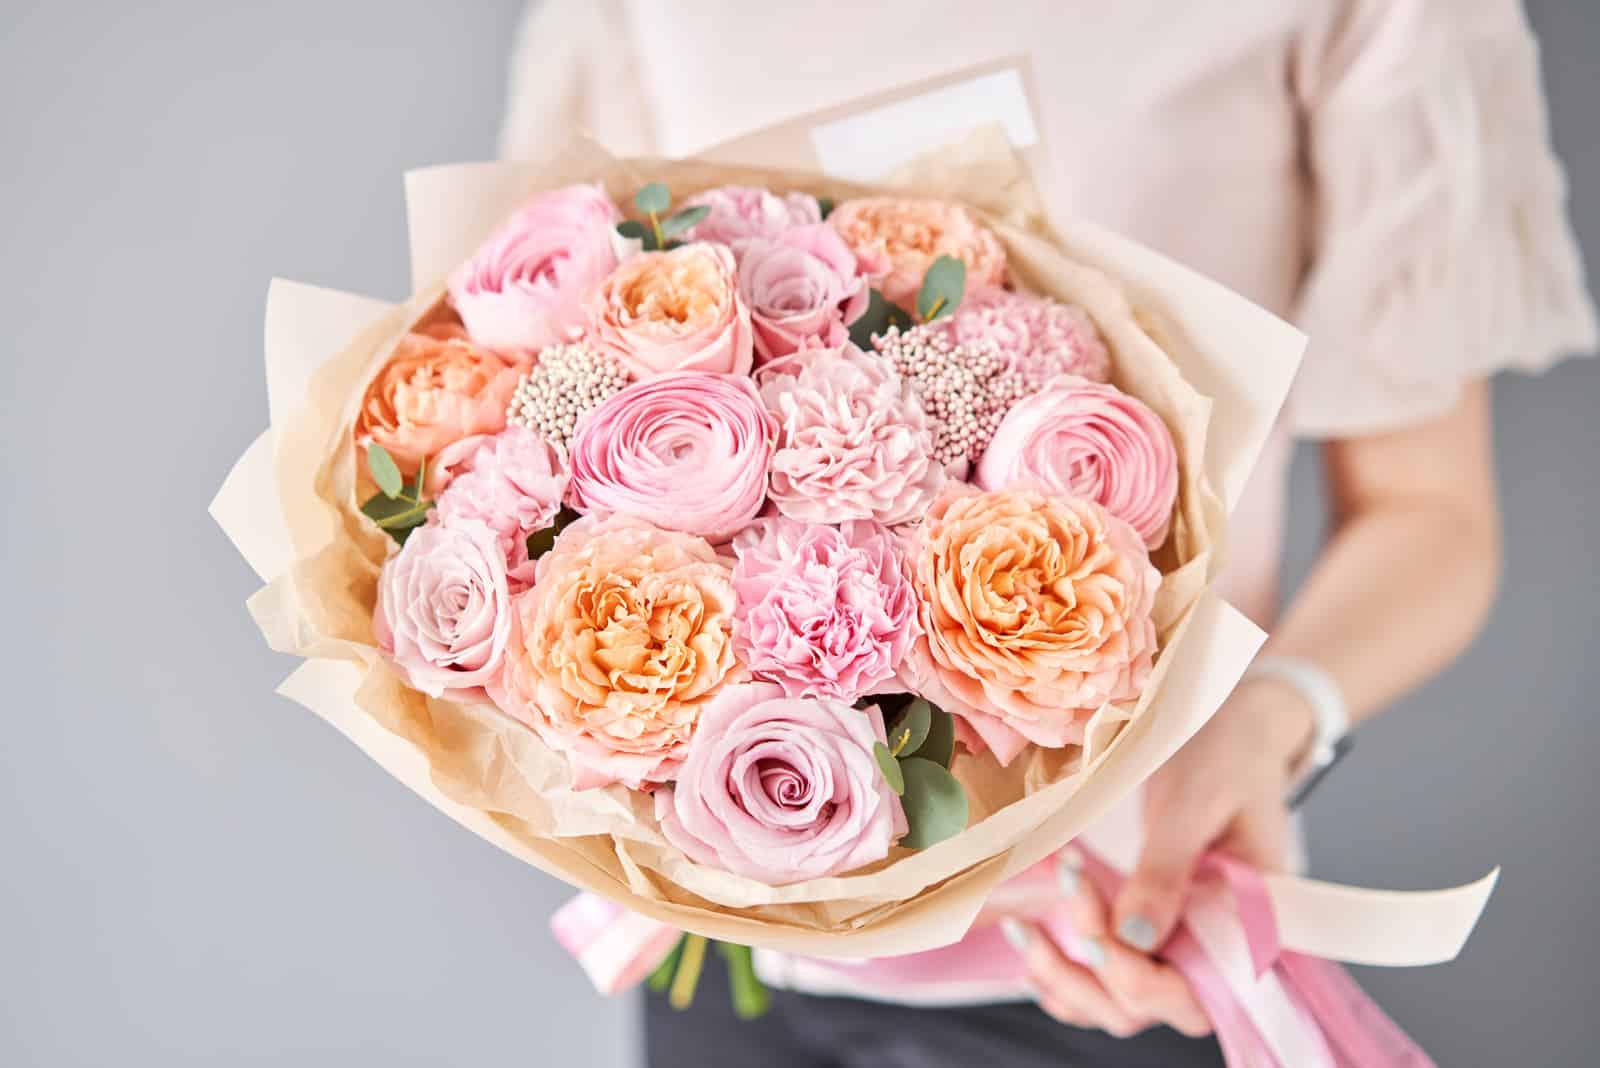 ein schöner Blumenstrauß in den Händen einer Frau